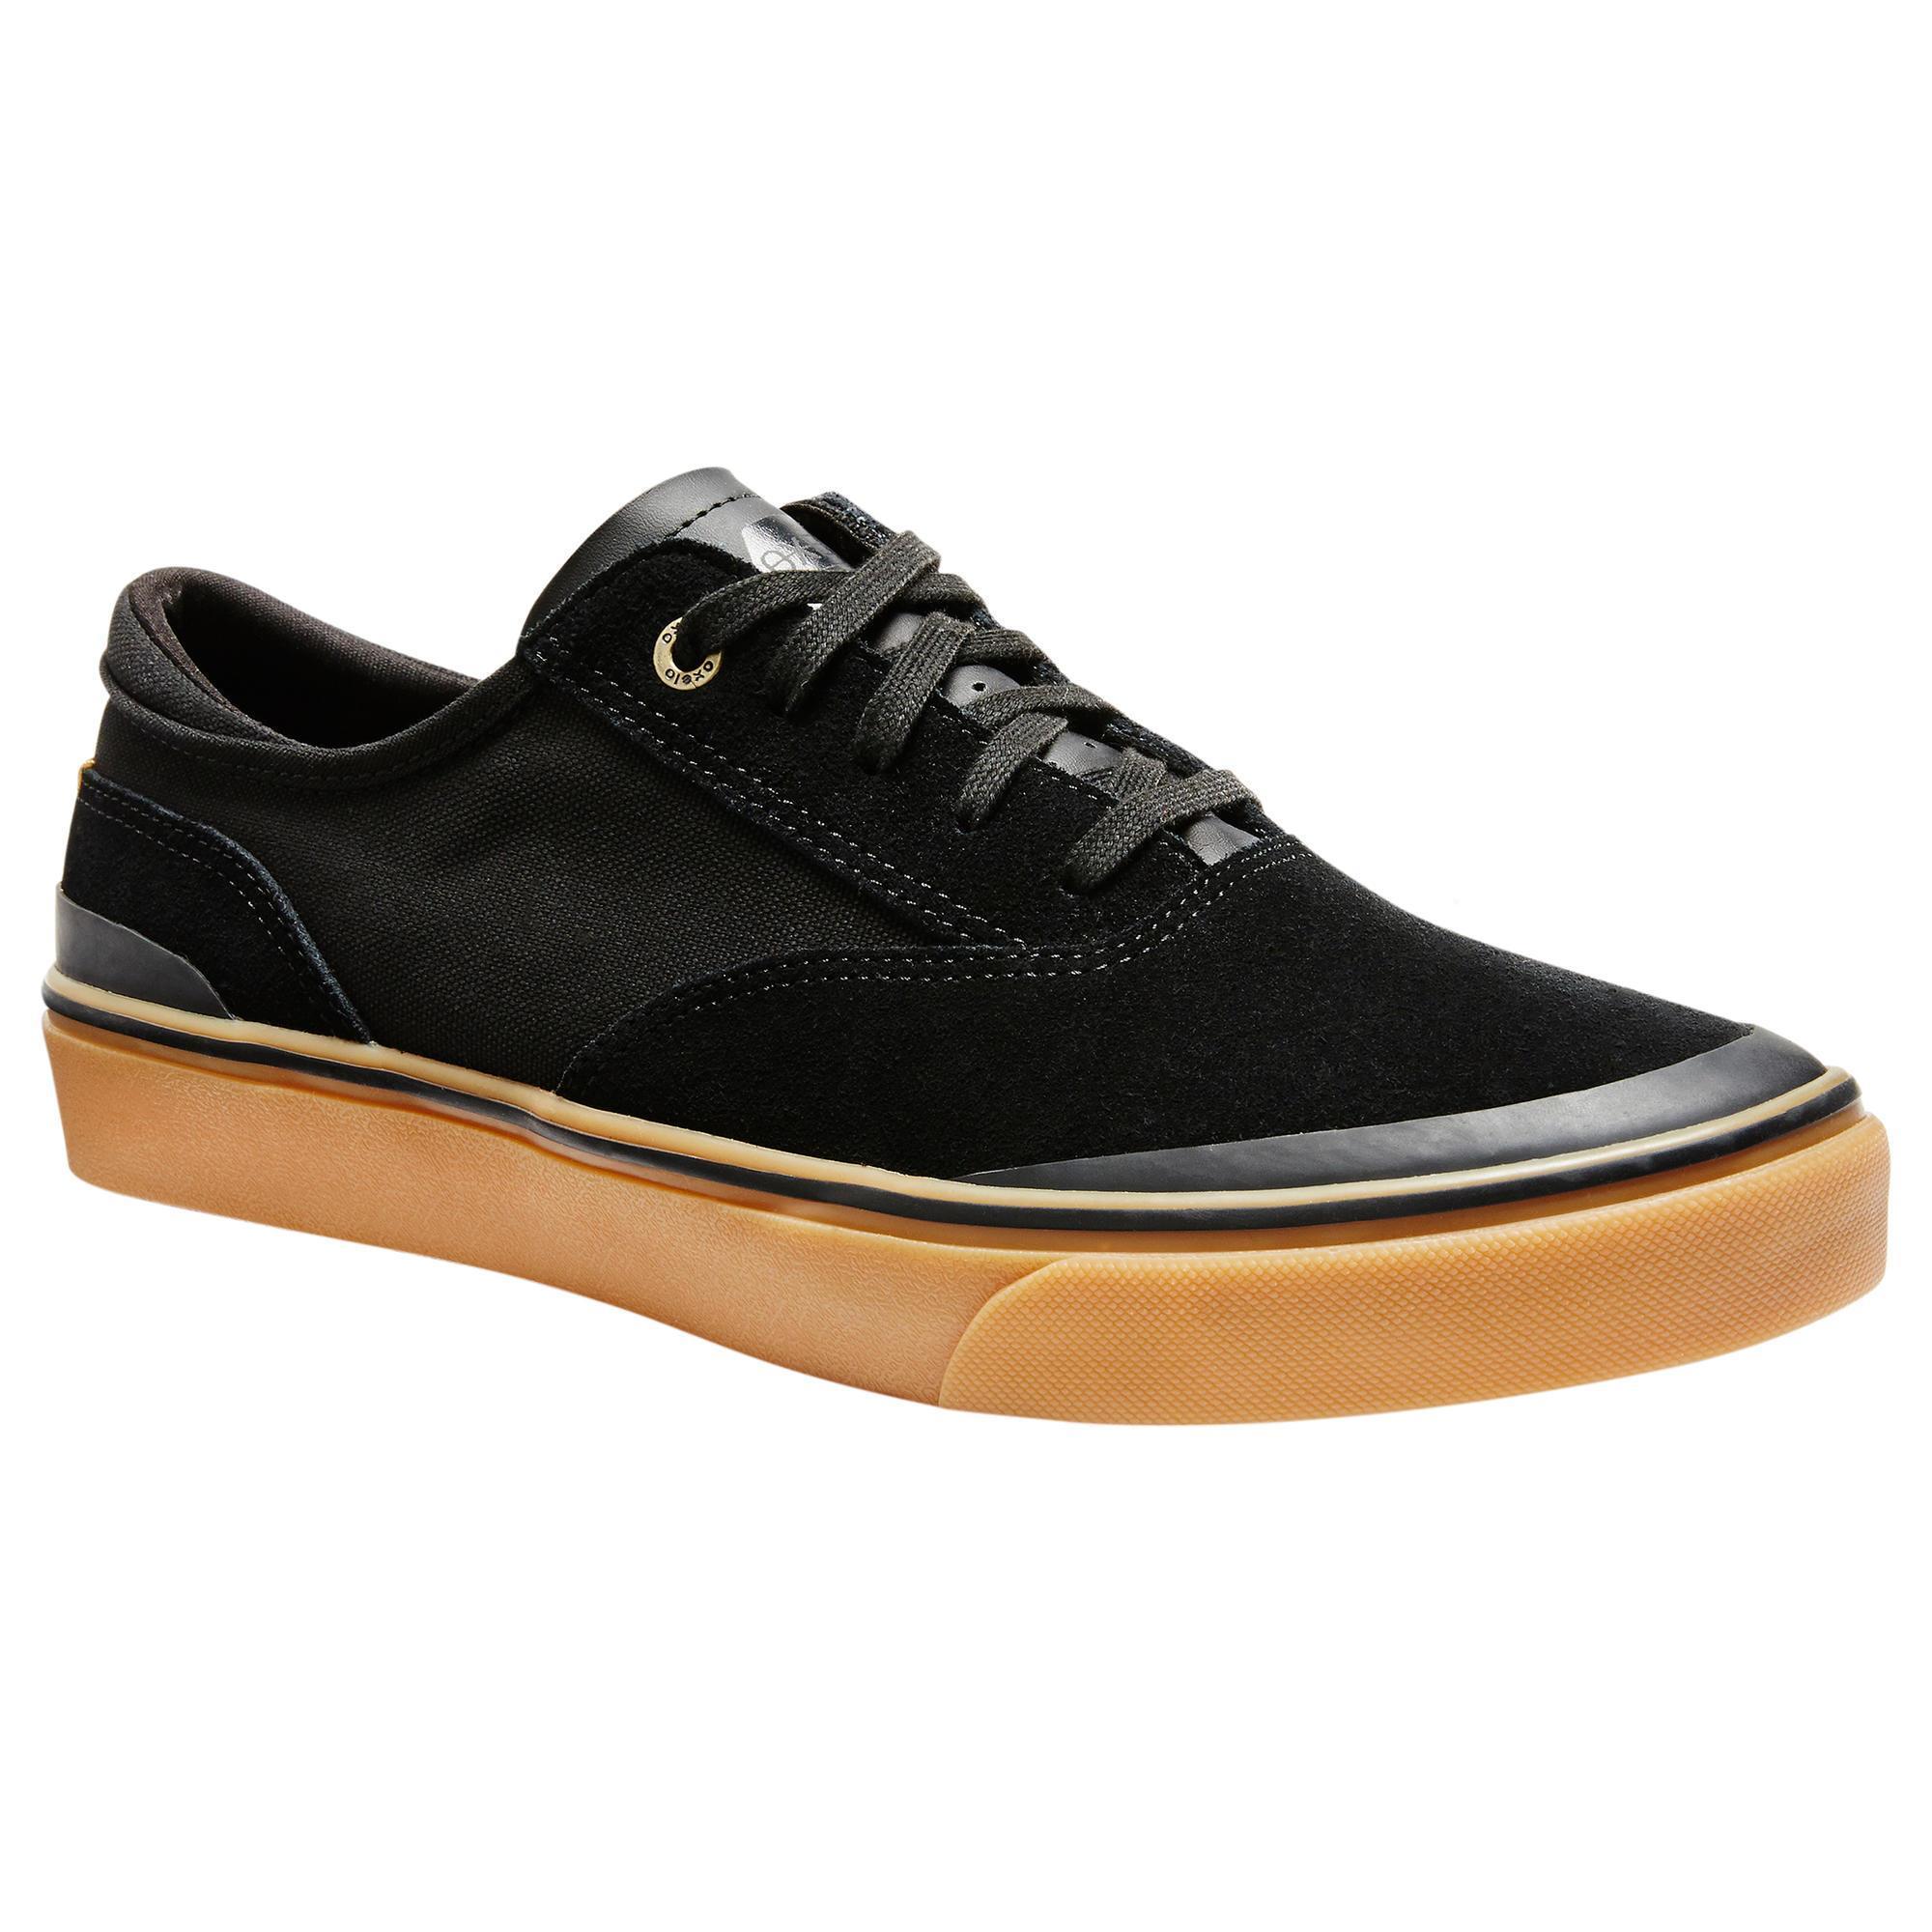 Oxelo Lage skateschoenen voor volwassenen Vulca zwart